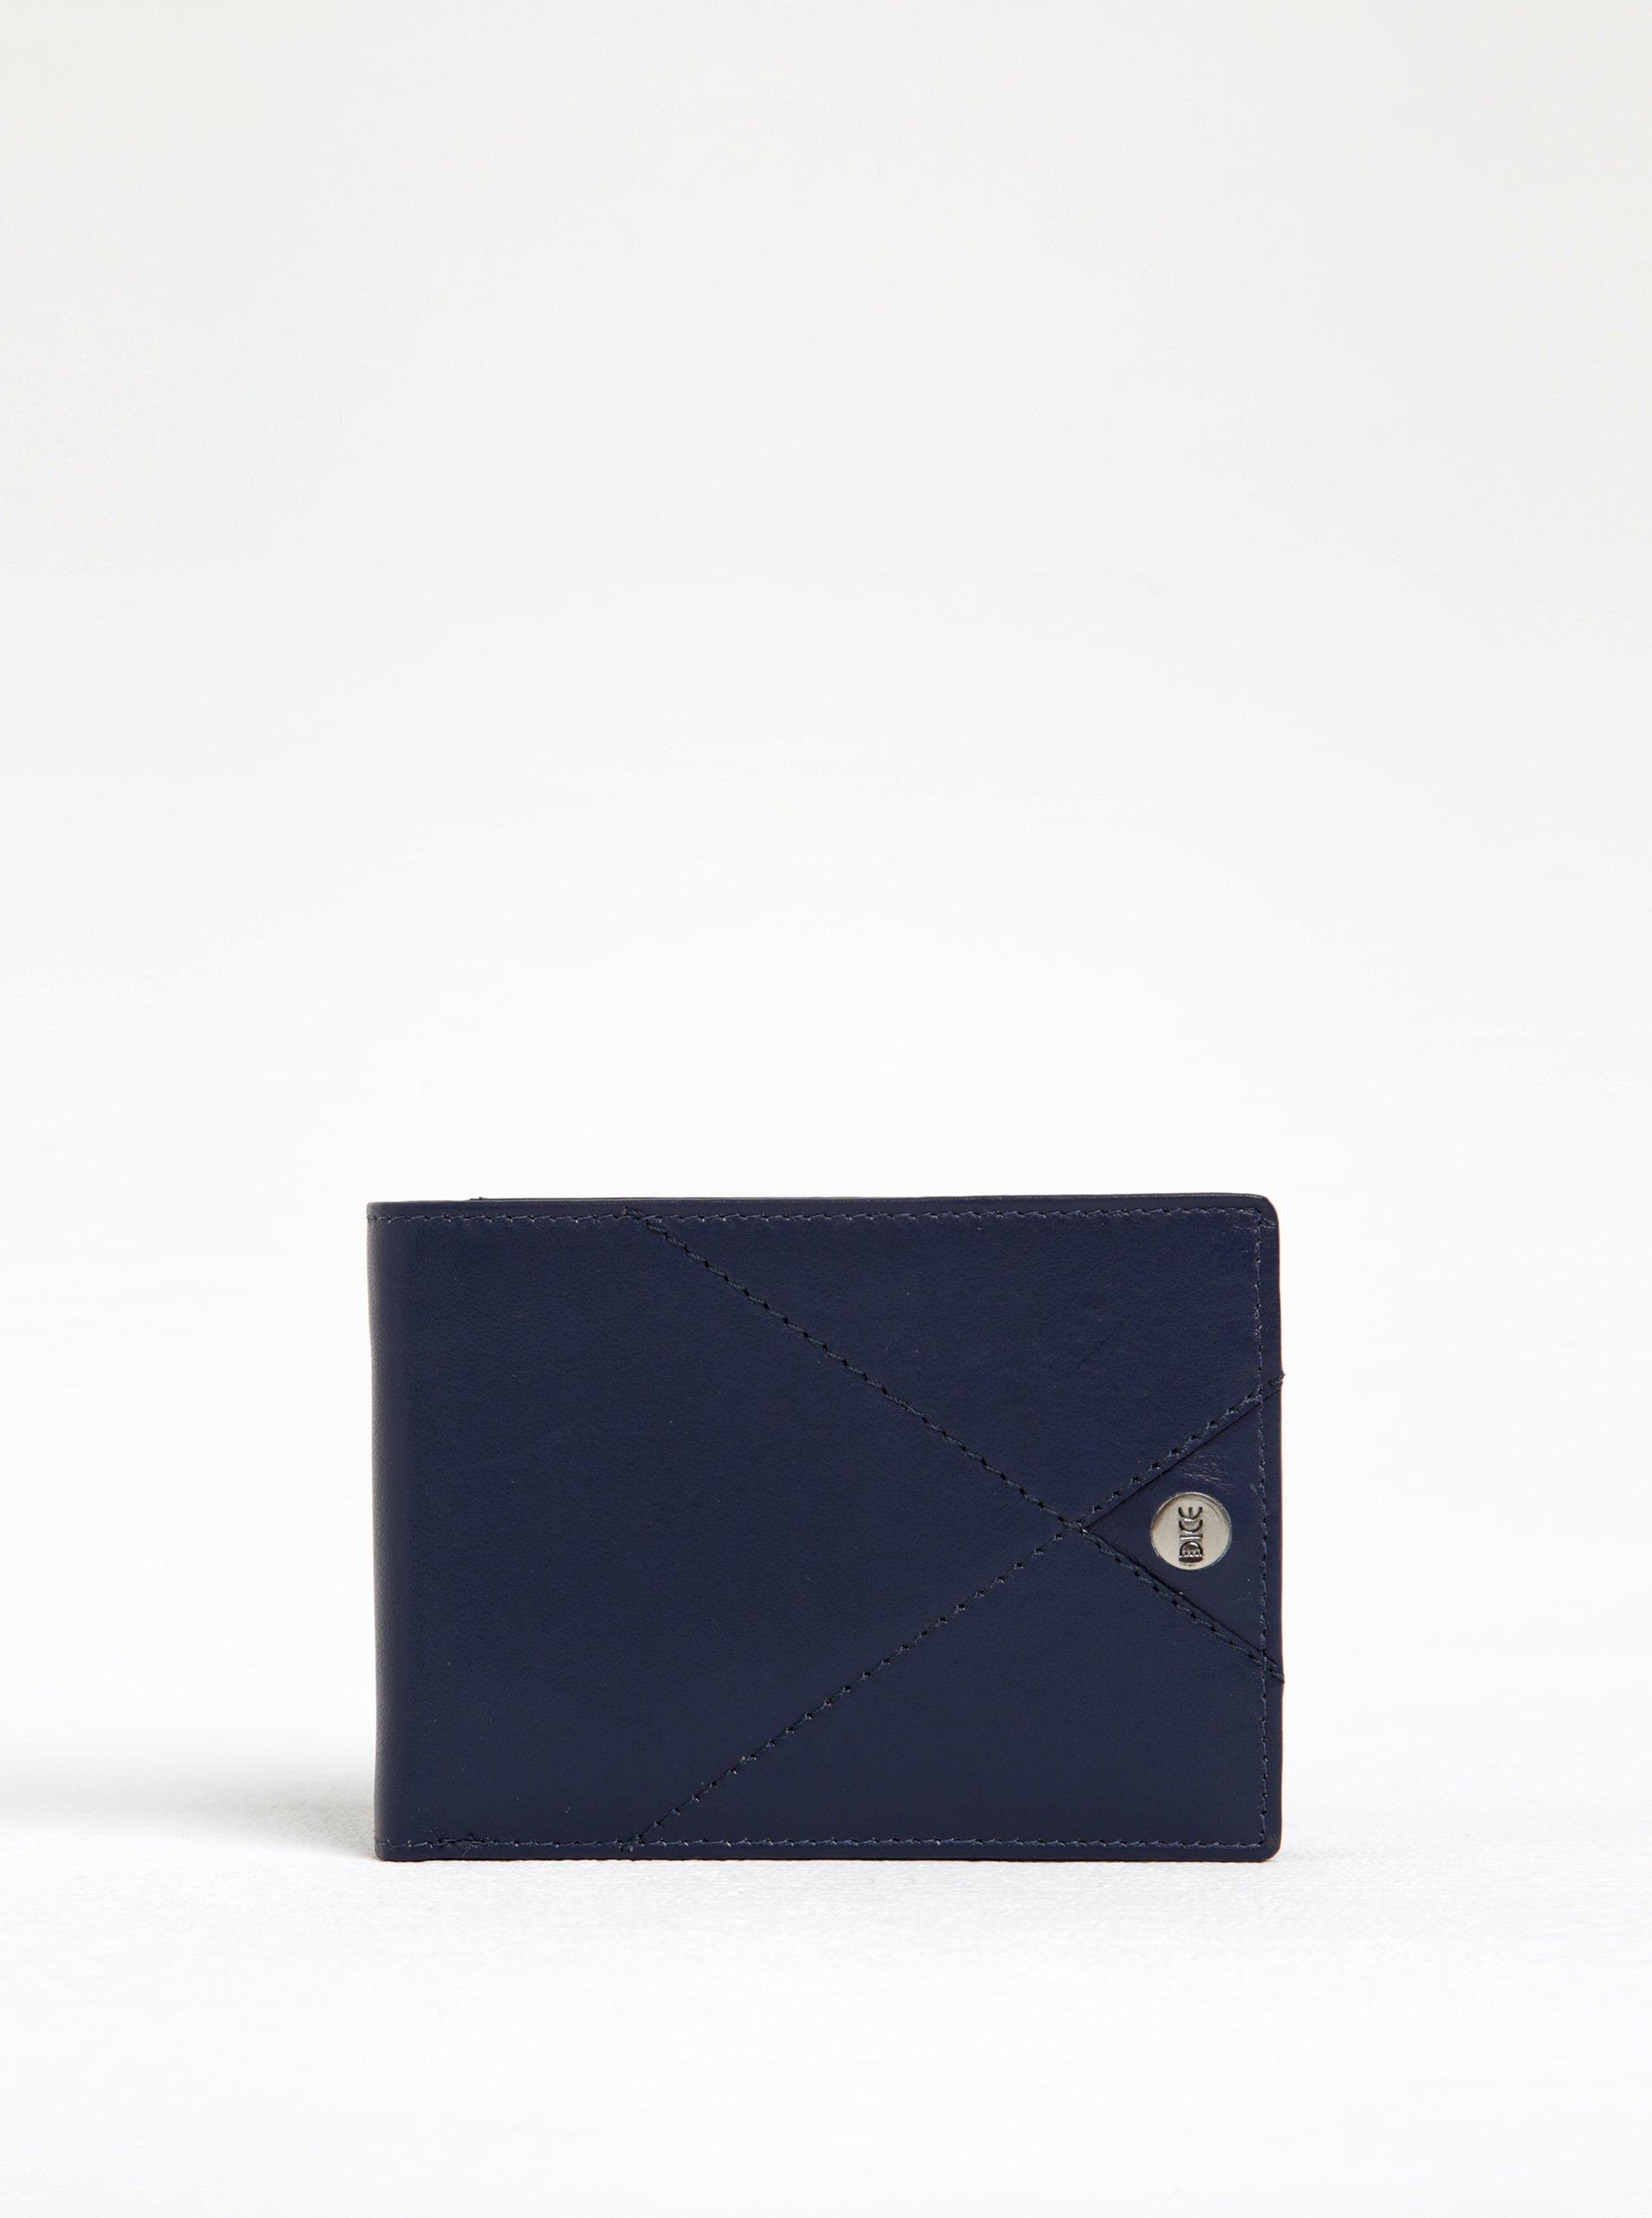 Tmavě modrá kožená peněženka s prošívanými detaily Dice Harper Range